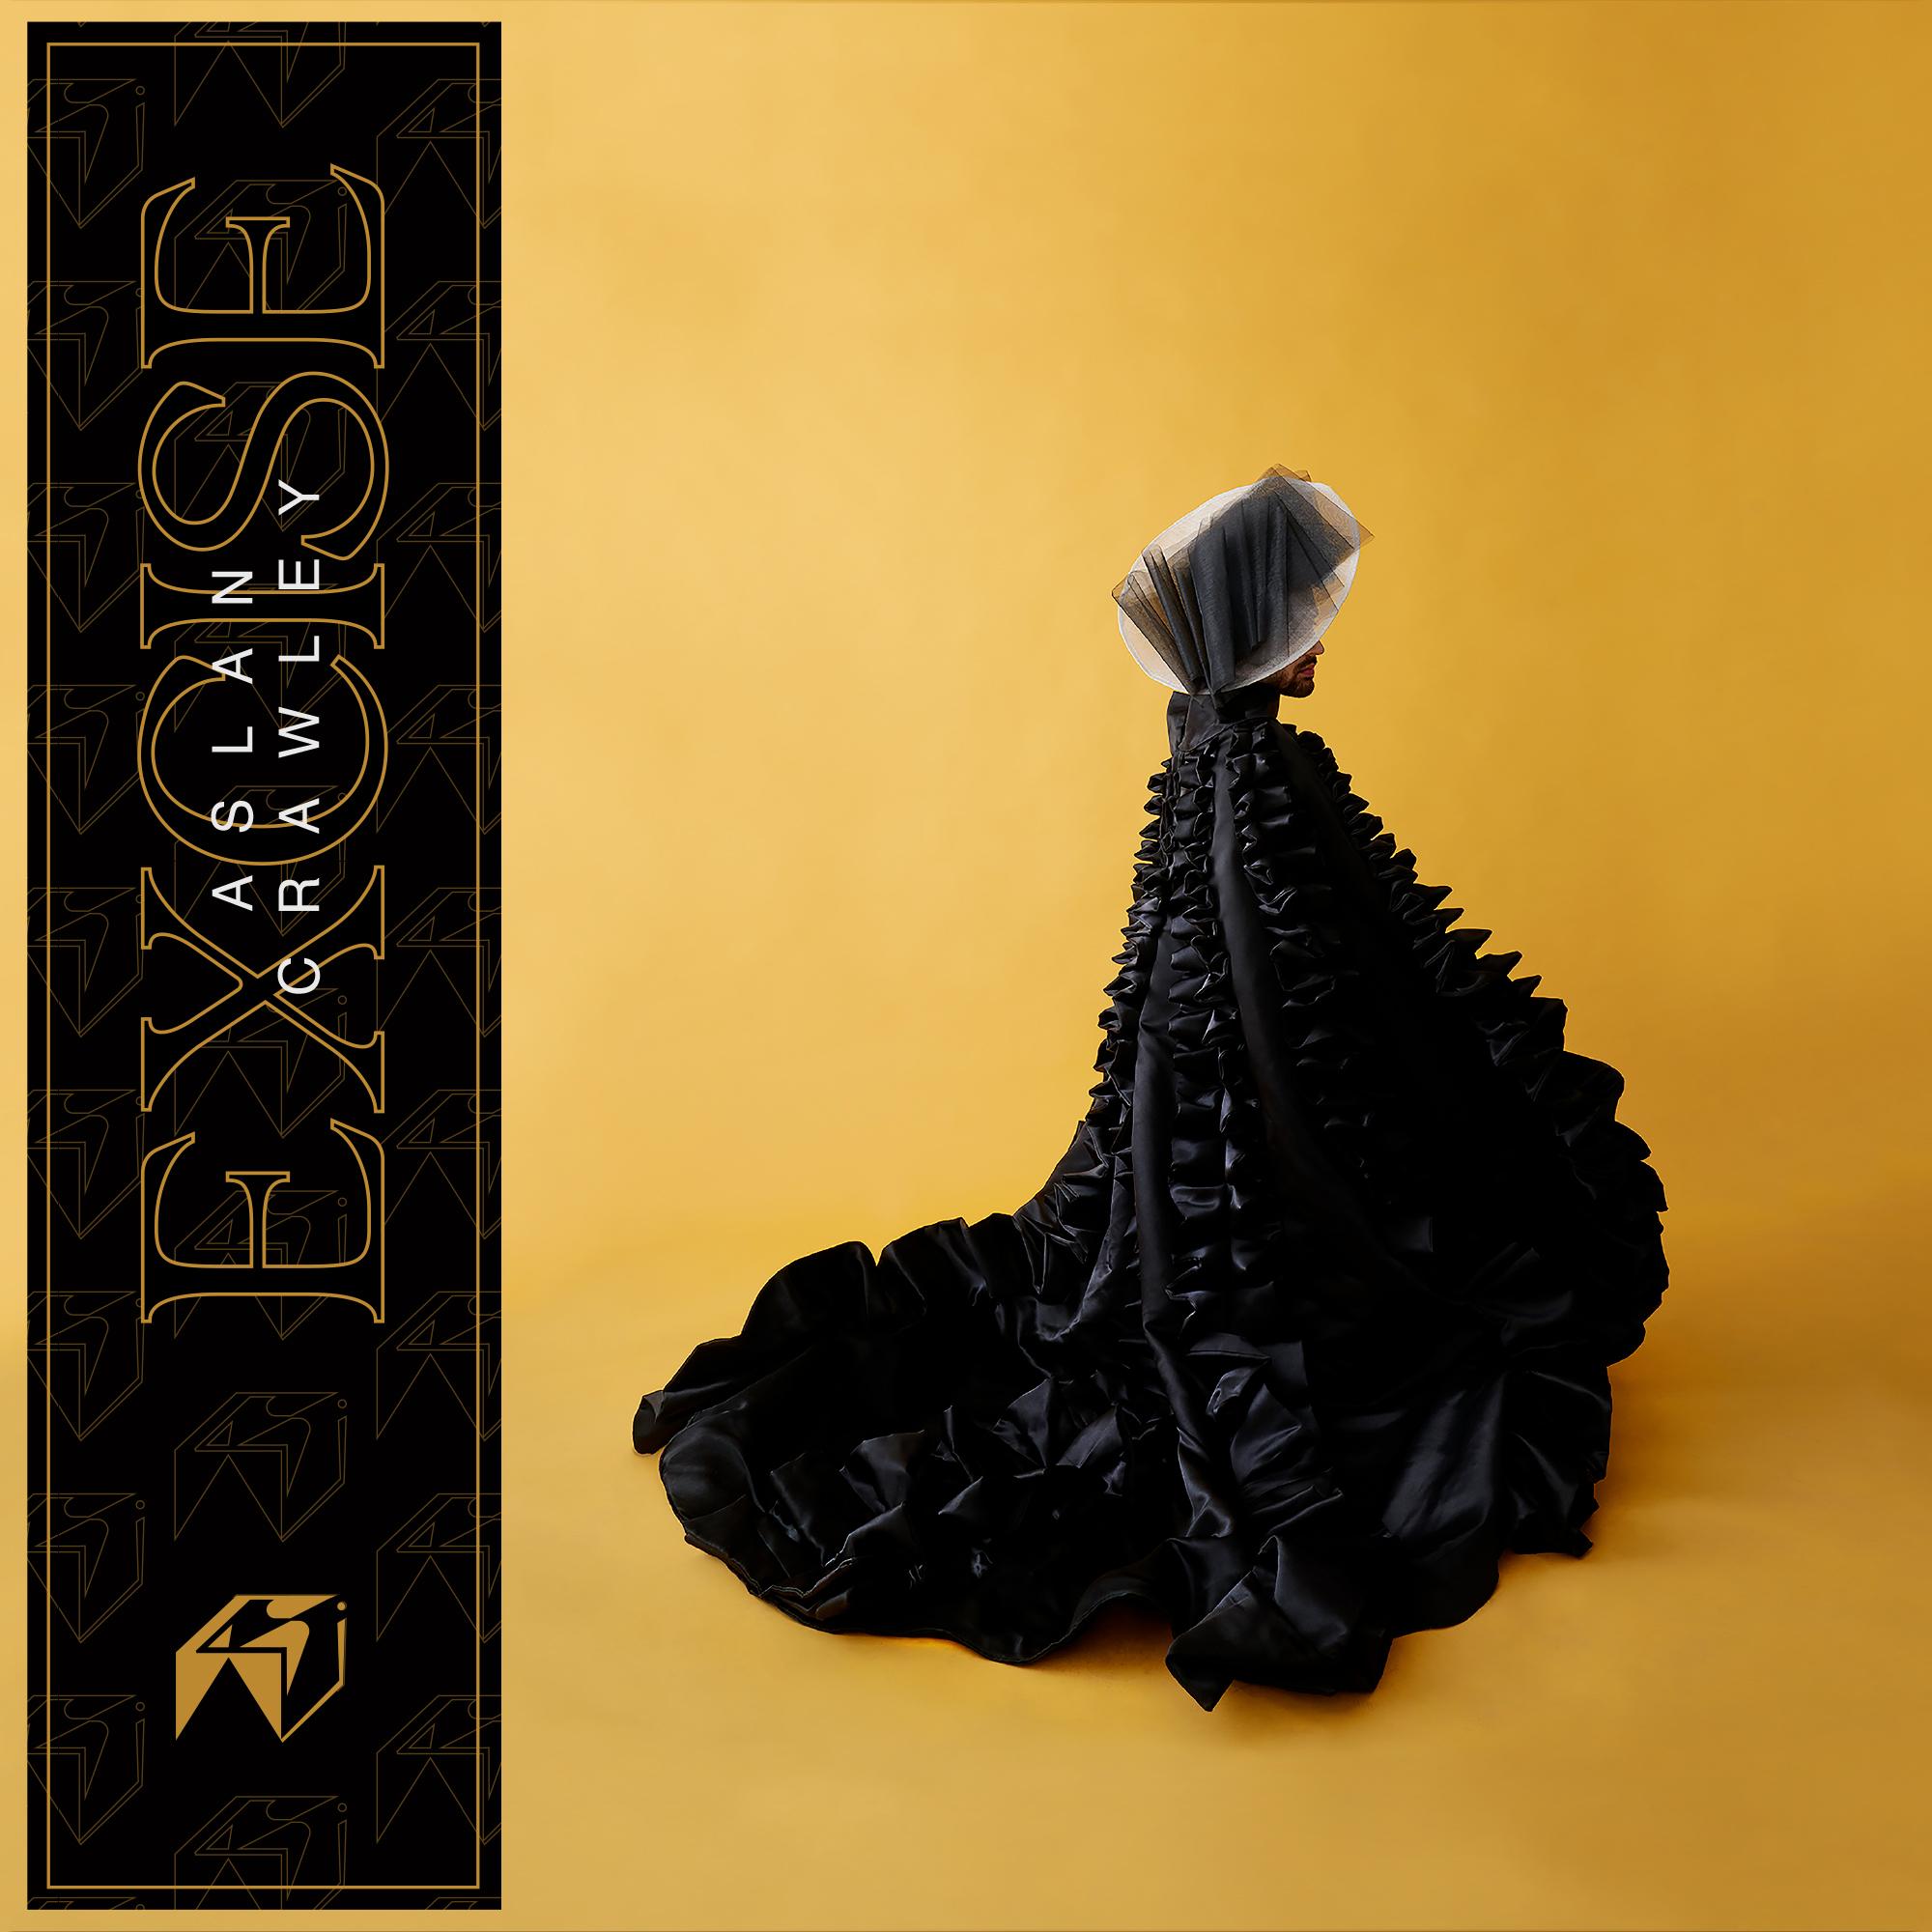 Excise: Album Artwork